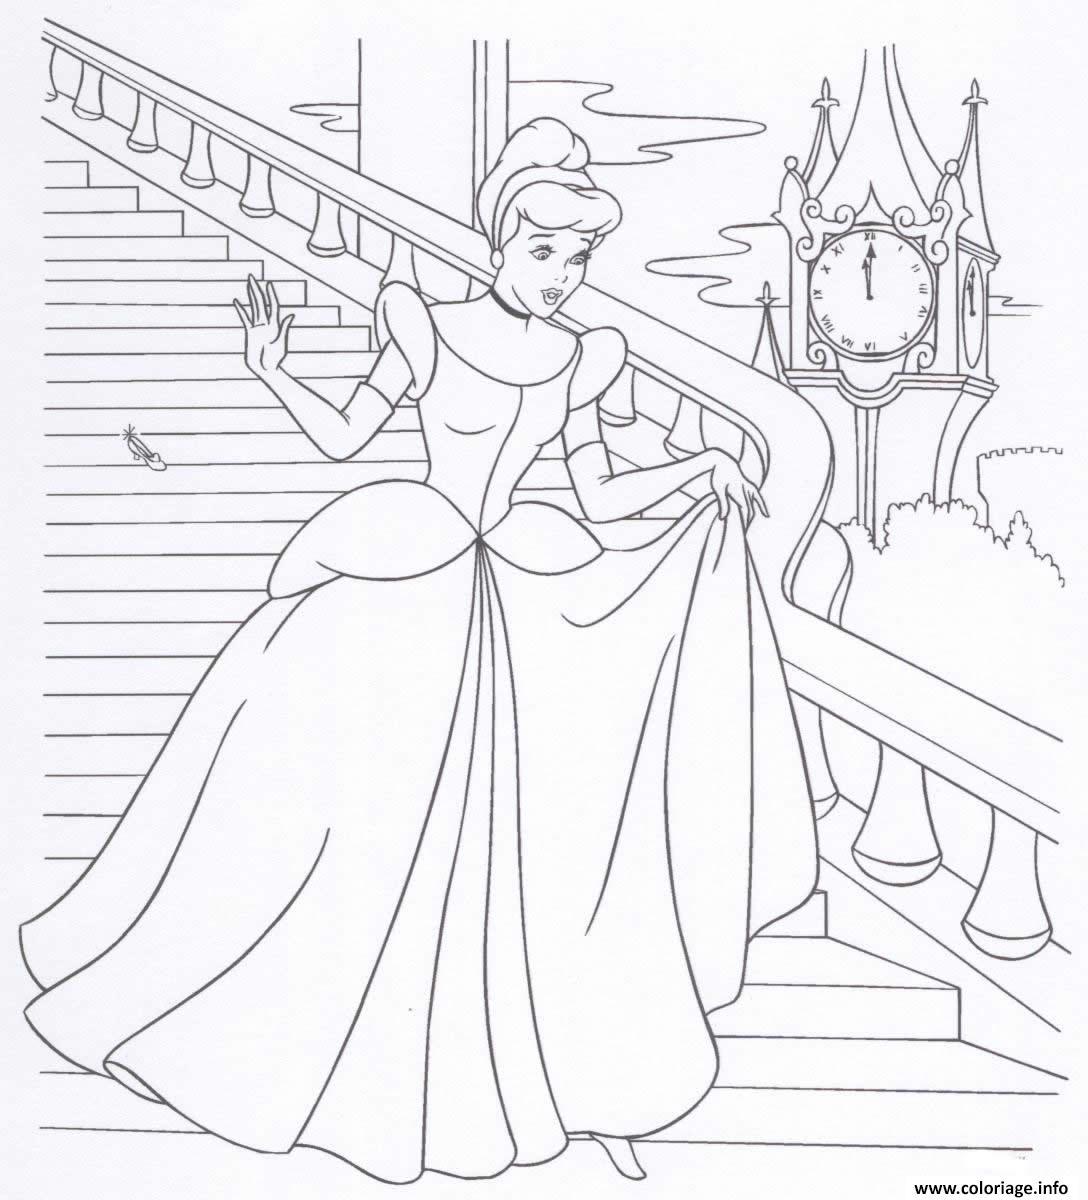 Coloriage cendrillon princesse 18 dessin - Coloriage cendrillon en ligne ...